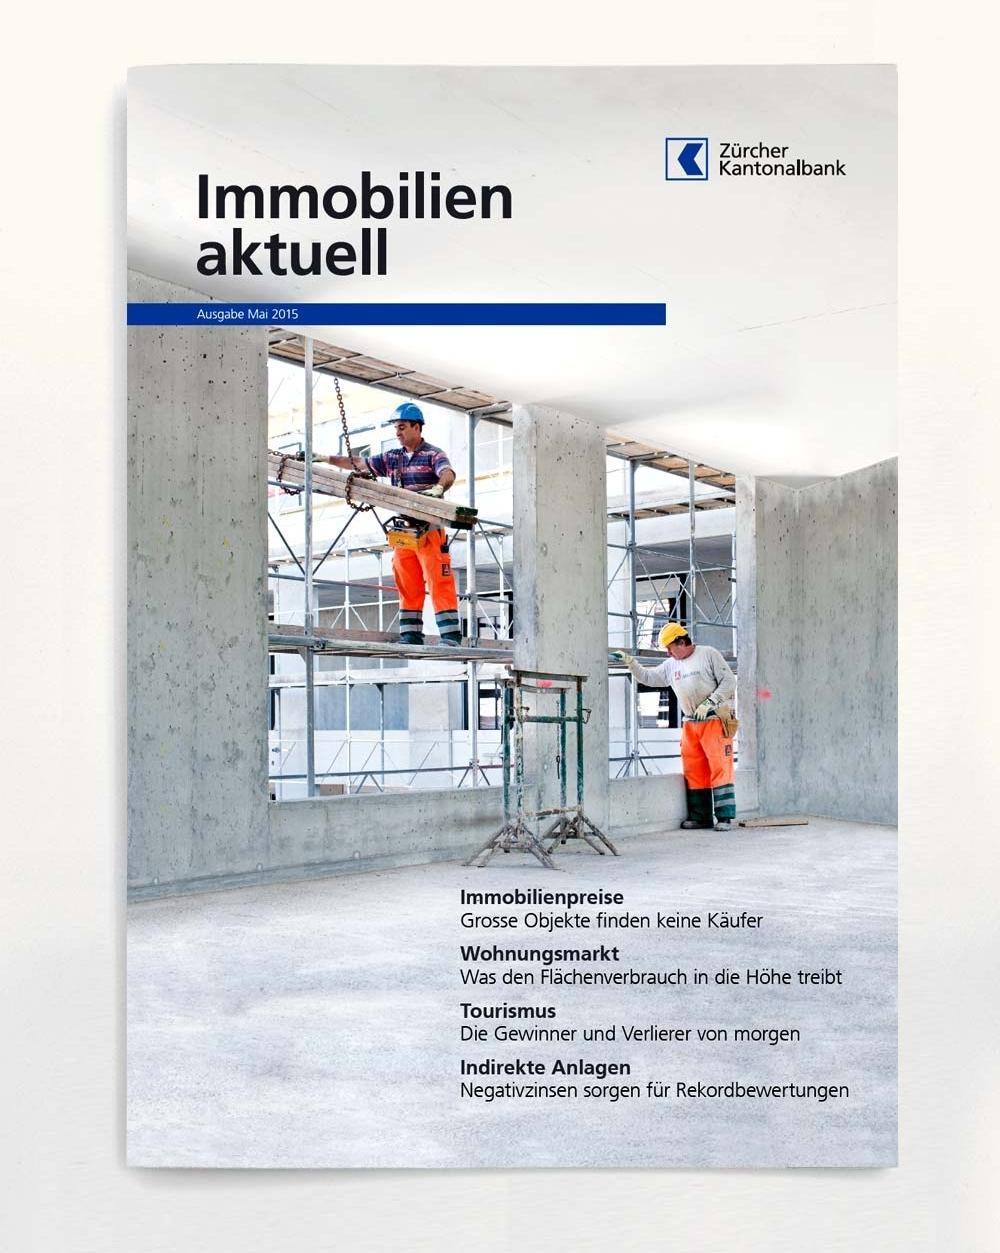 zkb_immo_aktuell_cover_2_innen.jpg